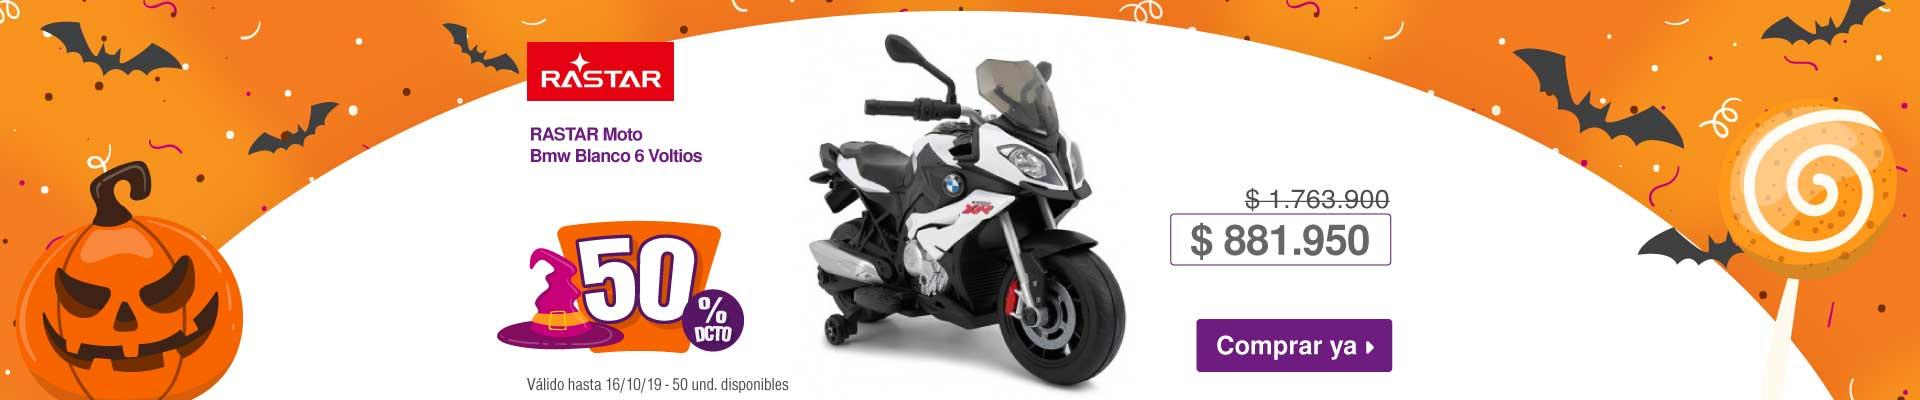 AK-JUGUETES-RASTAR-MOTO-BCAT-3-OCT09